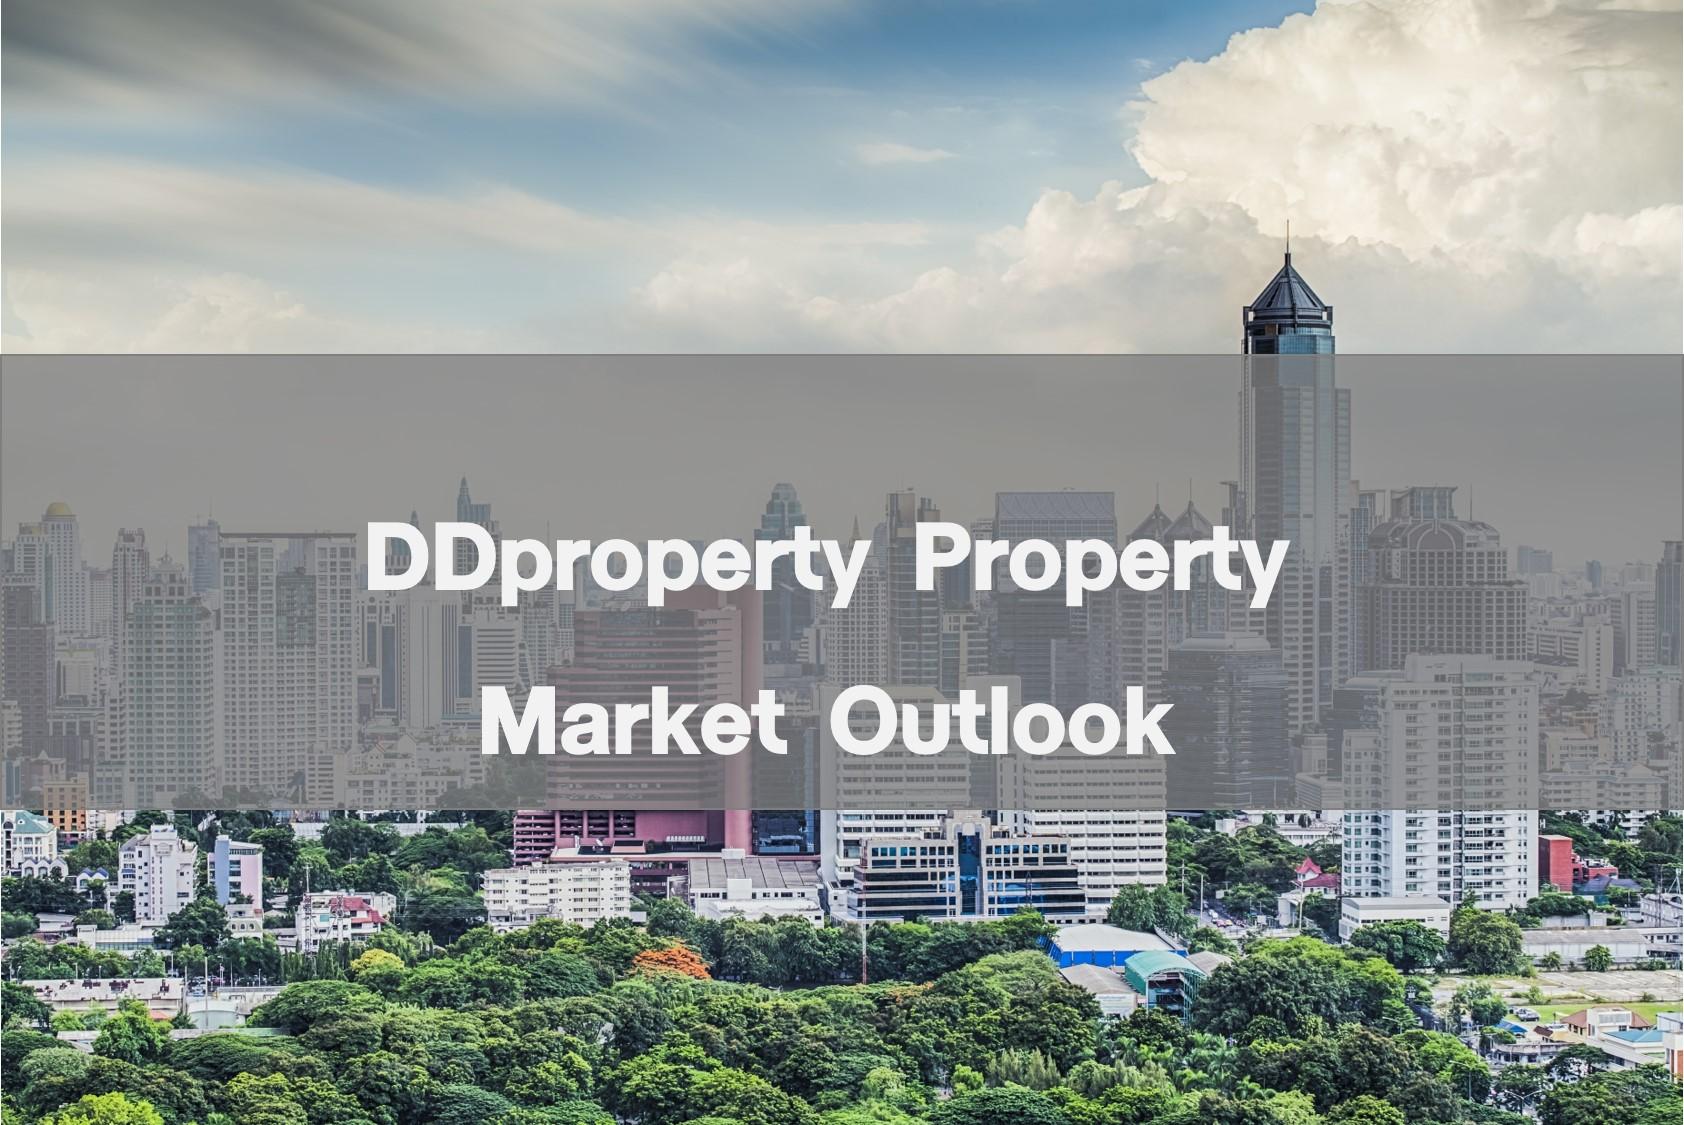 ติดตามสภาพตลาดอสังหาฯ อย่างใกล้ชิด ได้จากรายงาน DDproperty Market Outlook